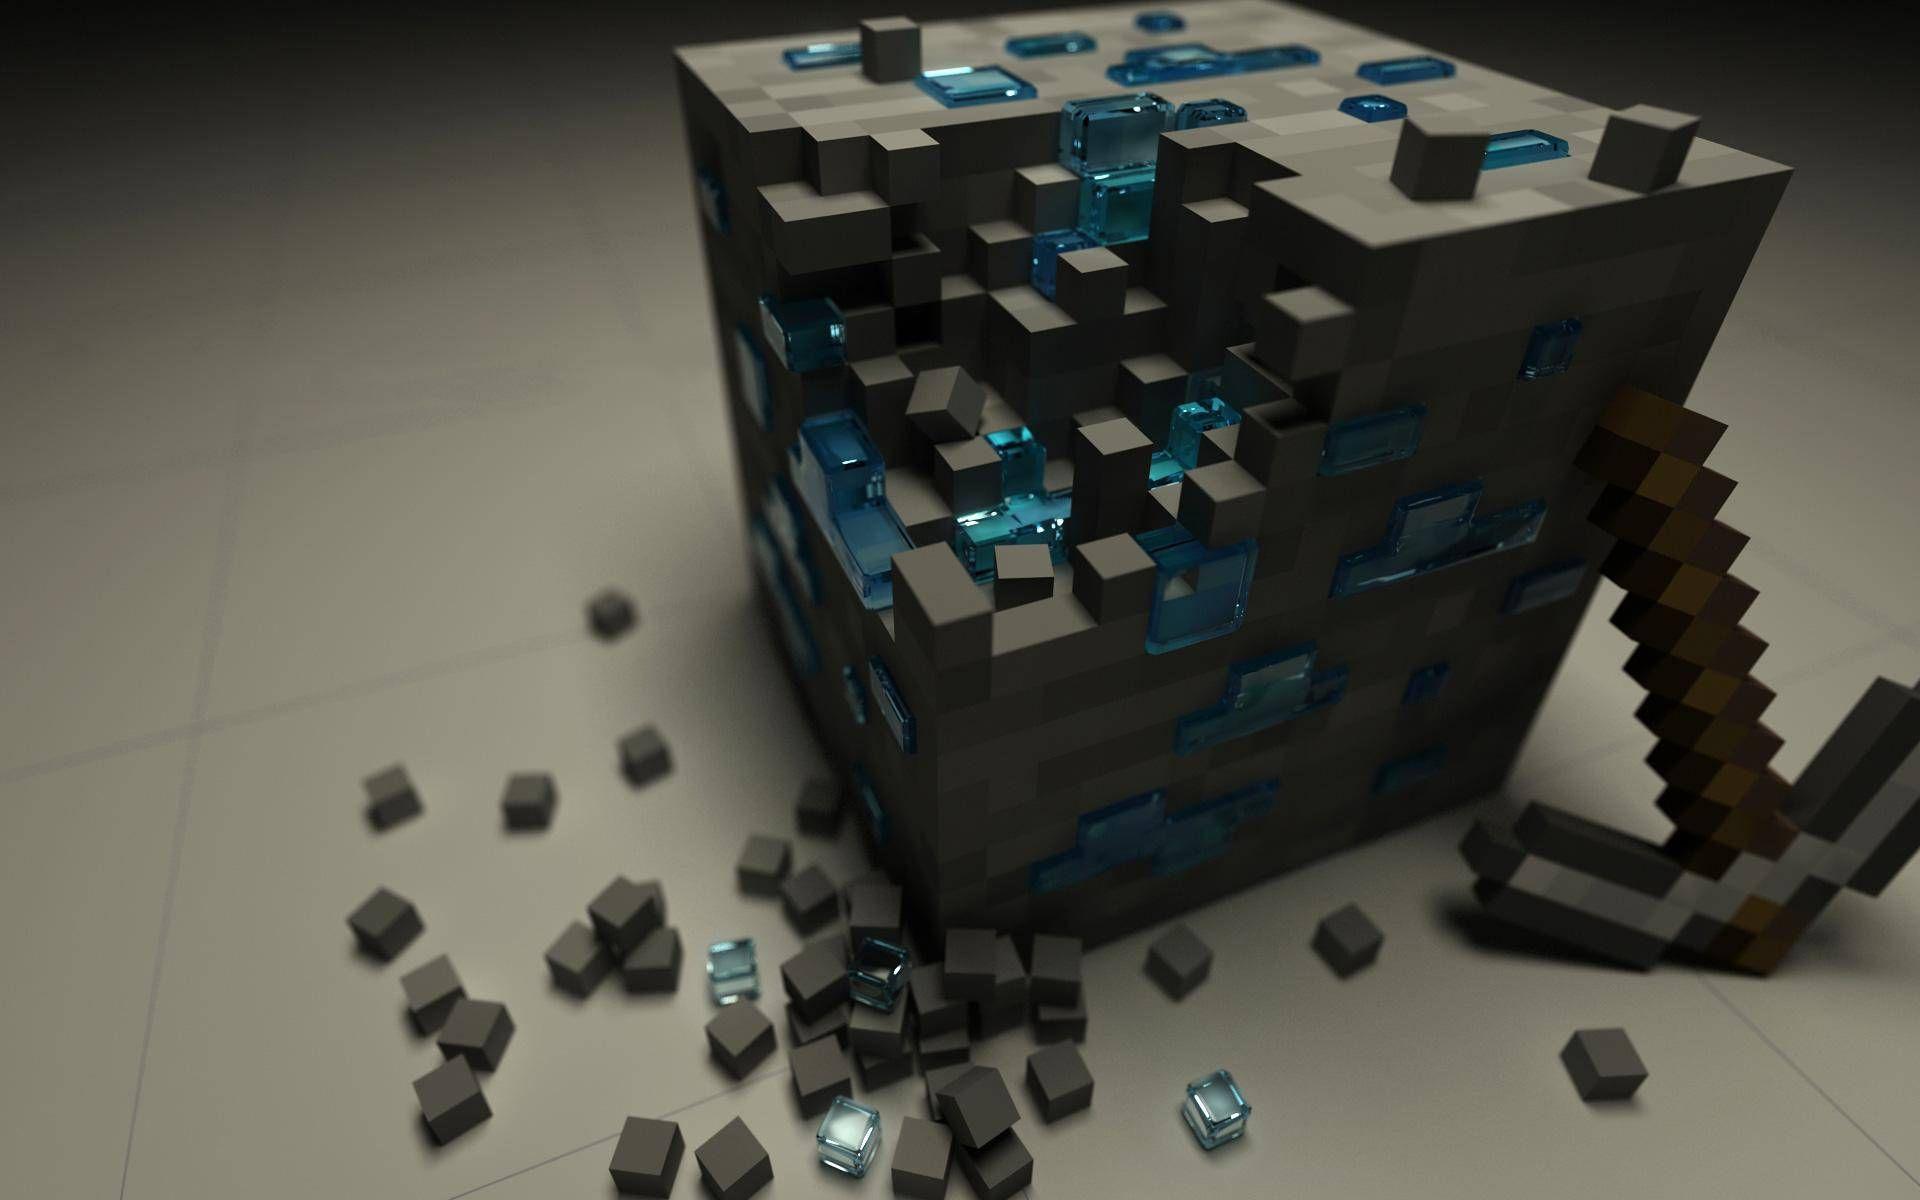 Minecraft Wallpapers Minecraft Wallpaper Minecraft Broken Glass Wallpaper